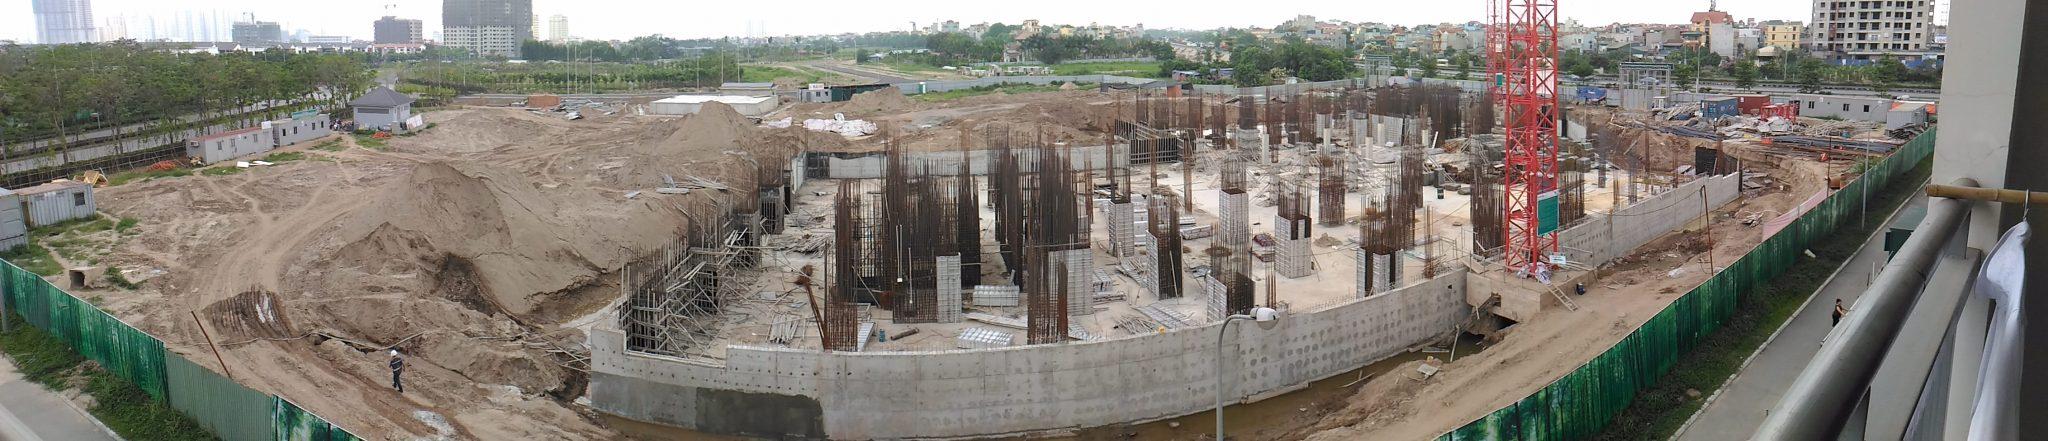 cập nhật tiến độ xây dựng chung cư cao cấp The Zen CT1 Gamuda